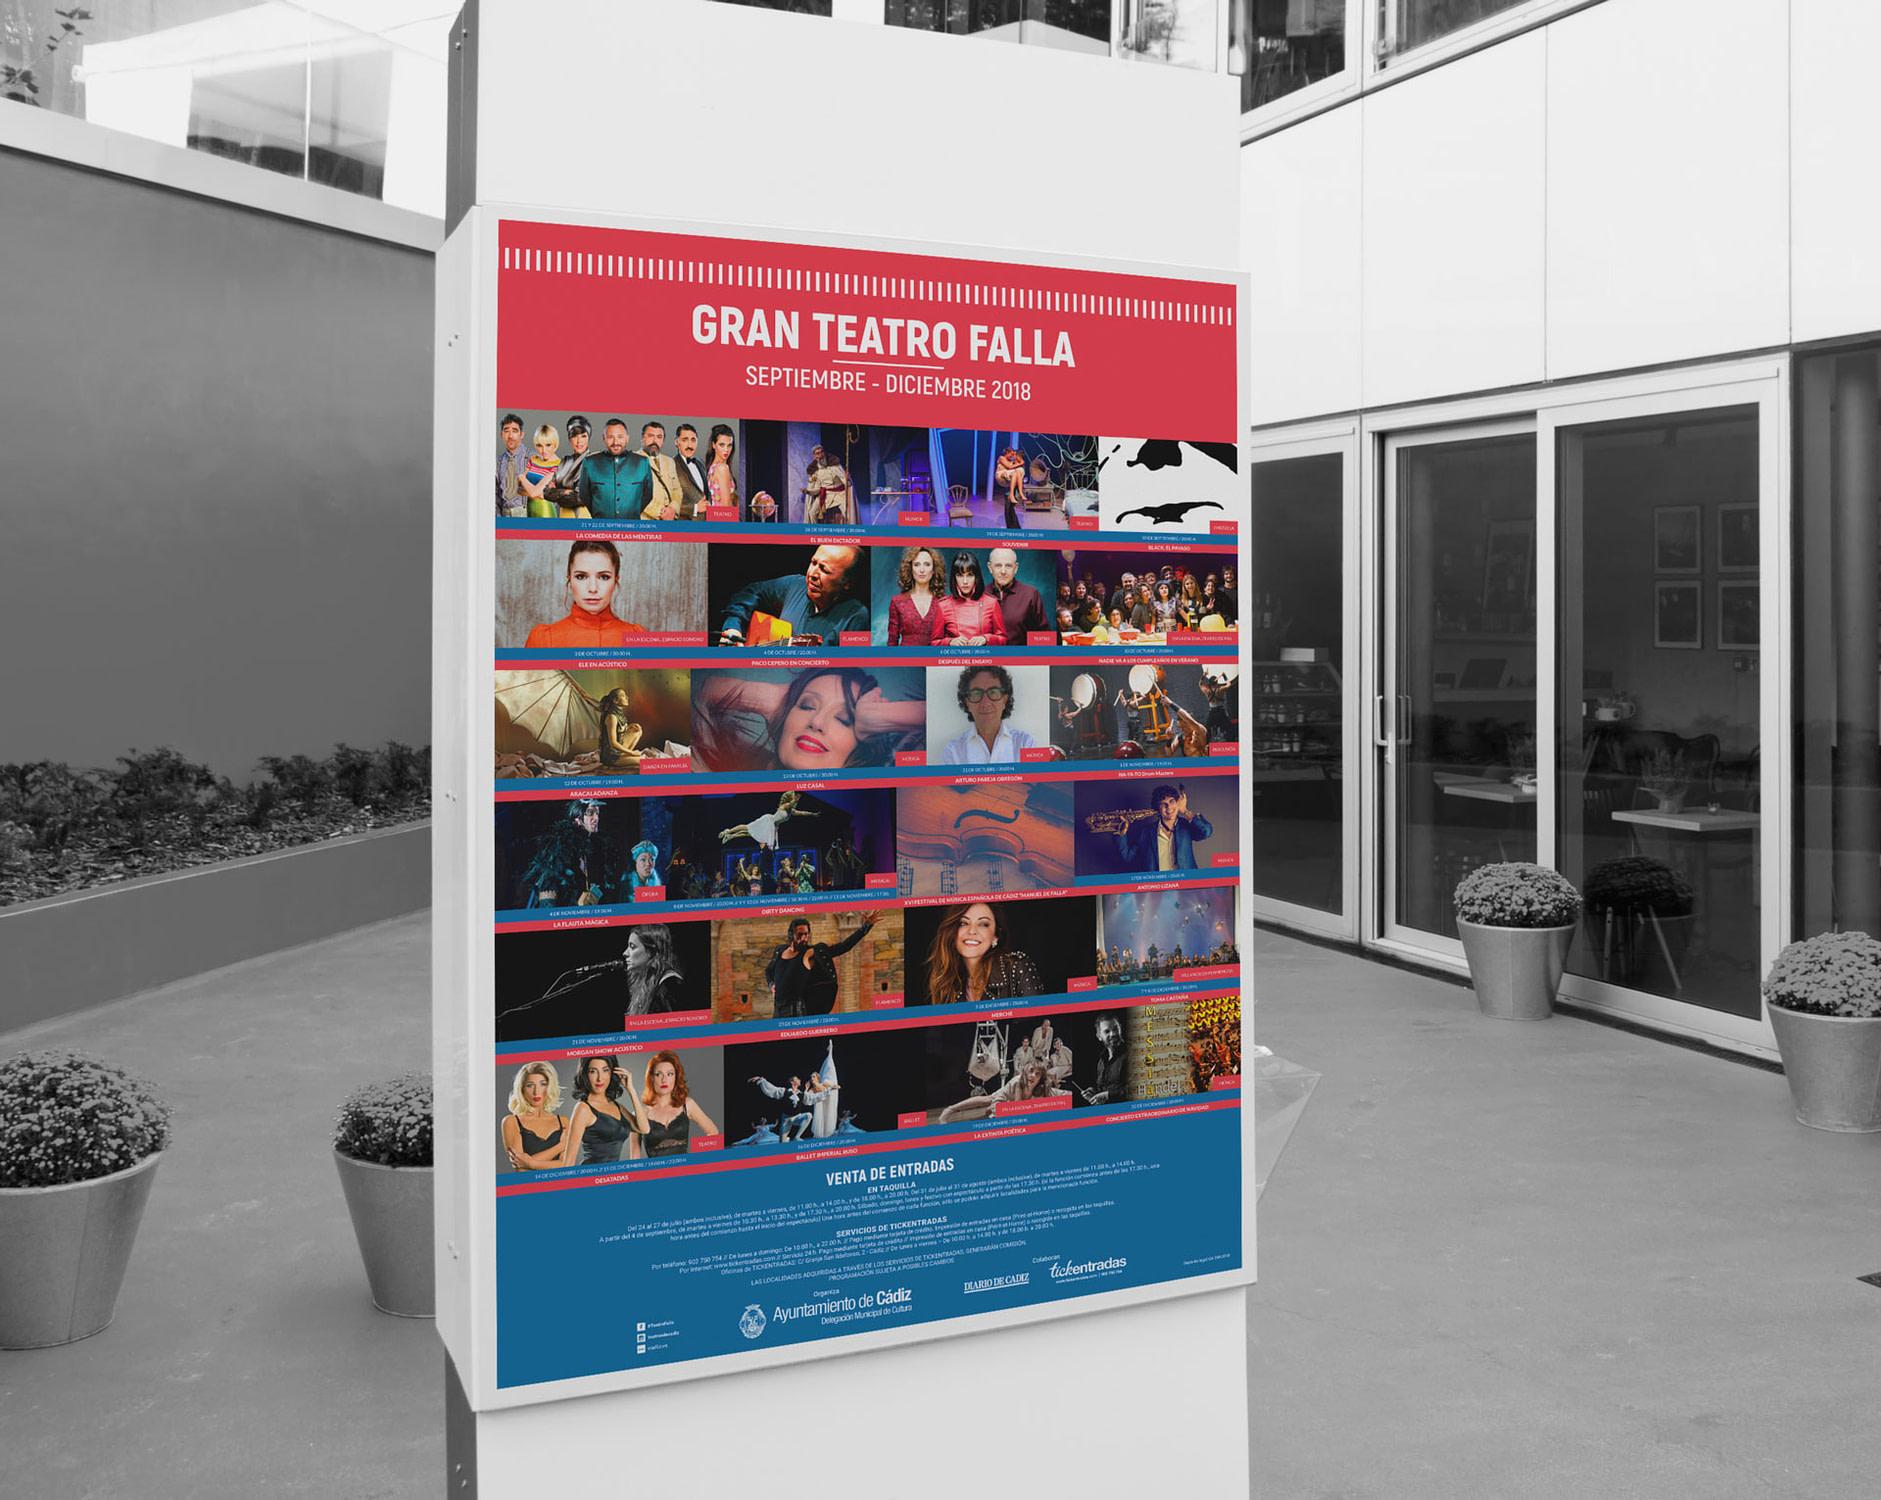 Cartel - campaña de publicidad - Gran Teatro Falla (Septiembre - Diciembre 2018)